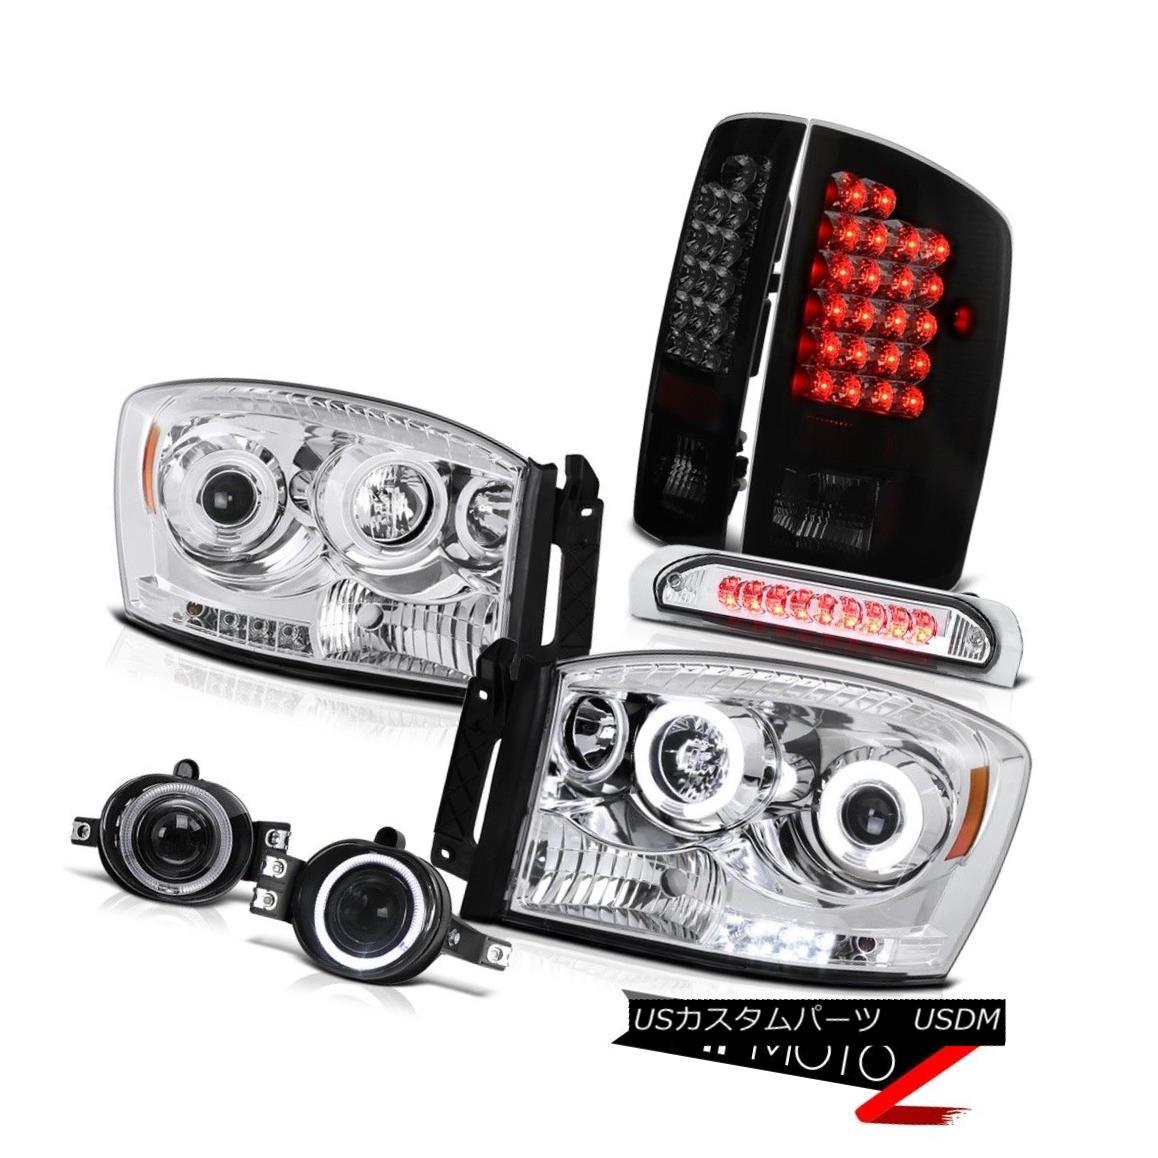 ヘッドライト [BRIGHTEST]LED Tail Lamp Third Brake CCFL Halo Projector Headlight Fog Magnum V8 [明るく] LEDテールランプ第3ブレーキCCFLハロープロジェクターヘッドライトフォグマグナムV8